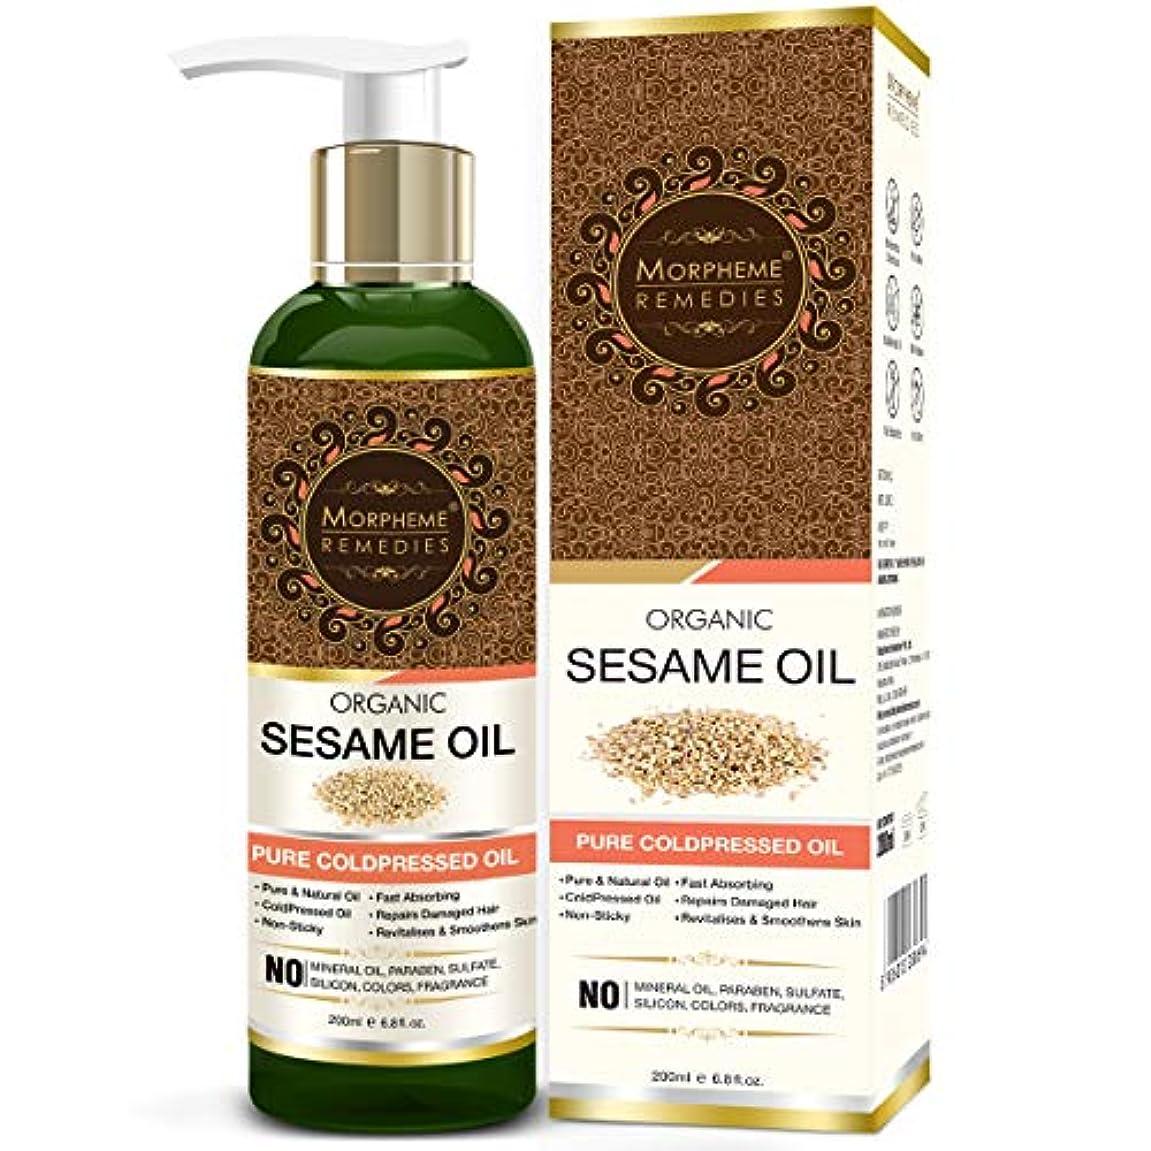 繕う本土起訴するMorpheme Remedies Organic Sesame Oil (Pure ColdPressed Oil) For Hair, Body, Skin Care, Massage, 200 ml